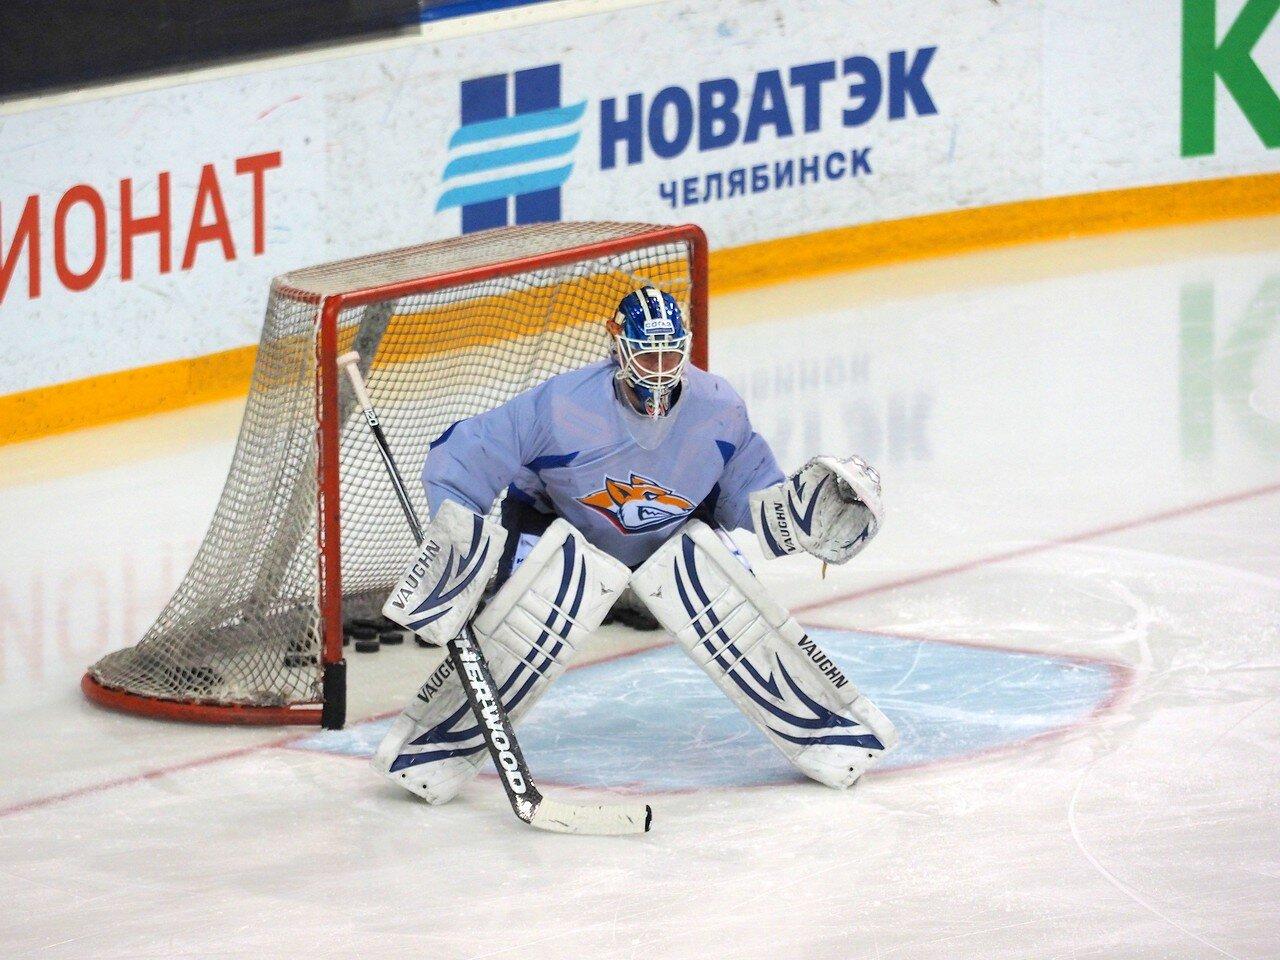 2 Открытая тренировка перед финалом плей-офф восточной конференции КХЛ 2017 22.03.2017